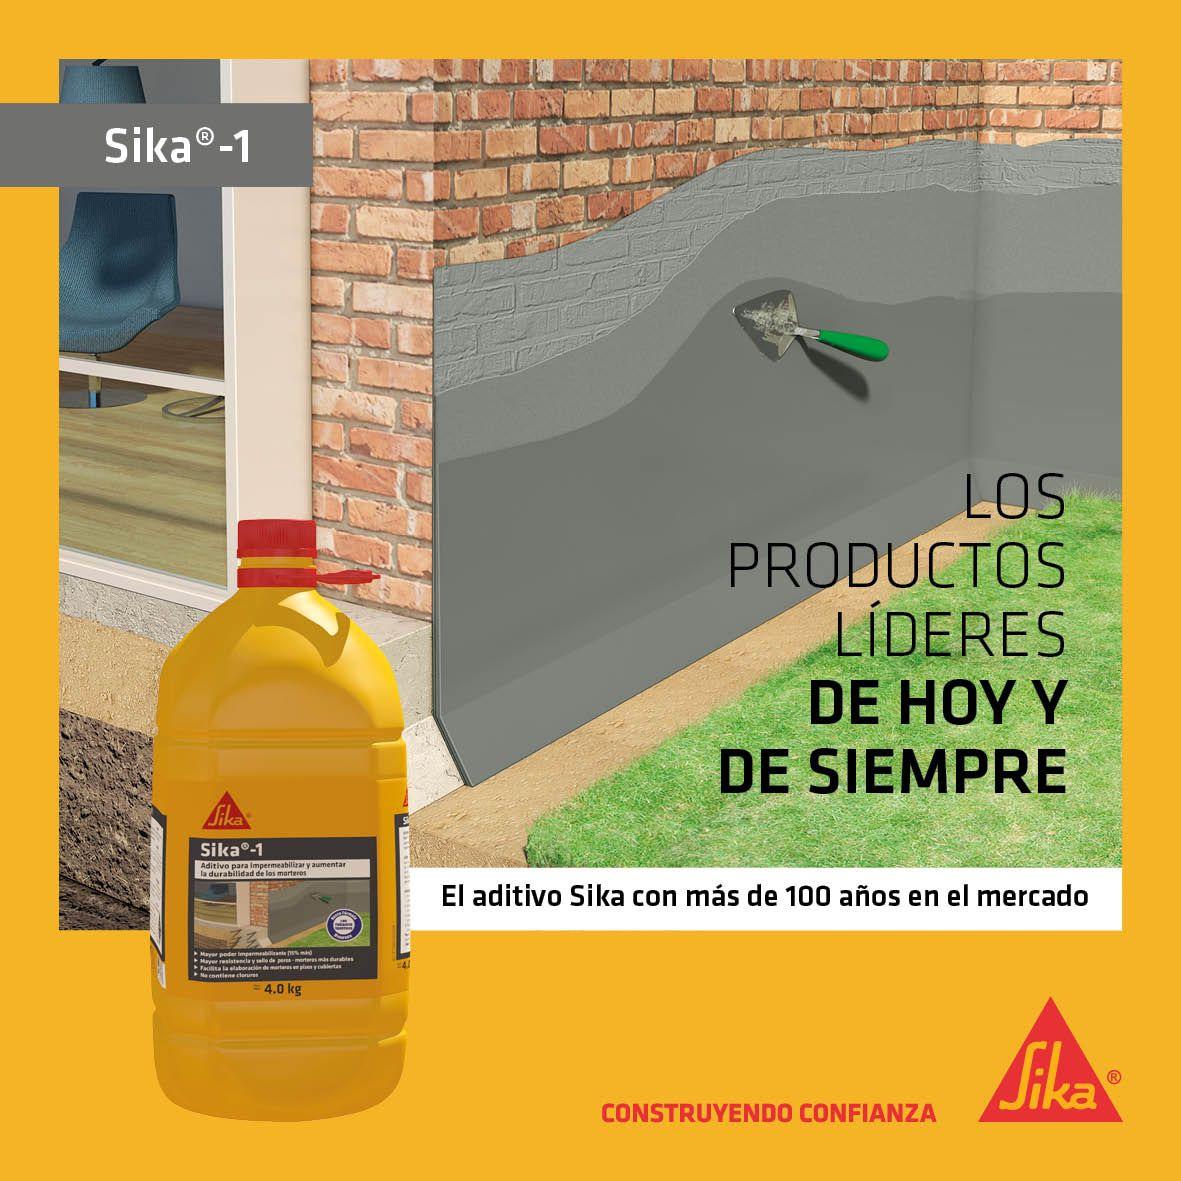 Sika 1 el aditivo Sika con más de 100 años en el mercado